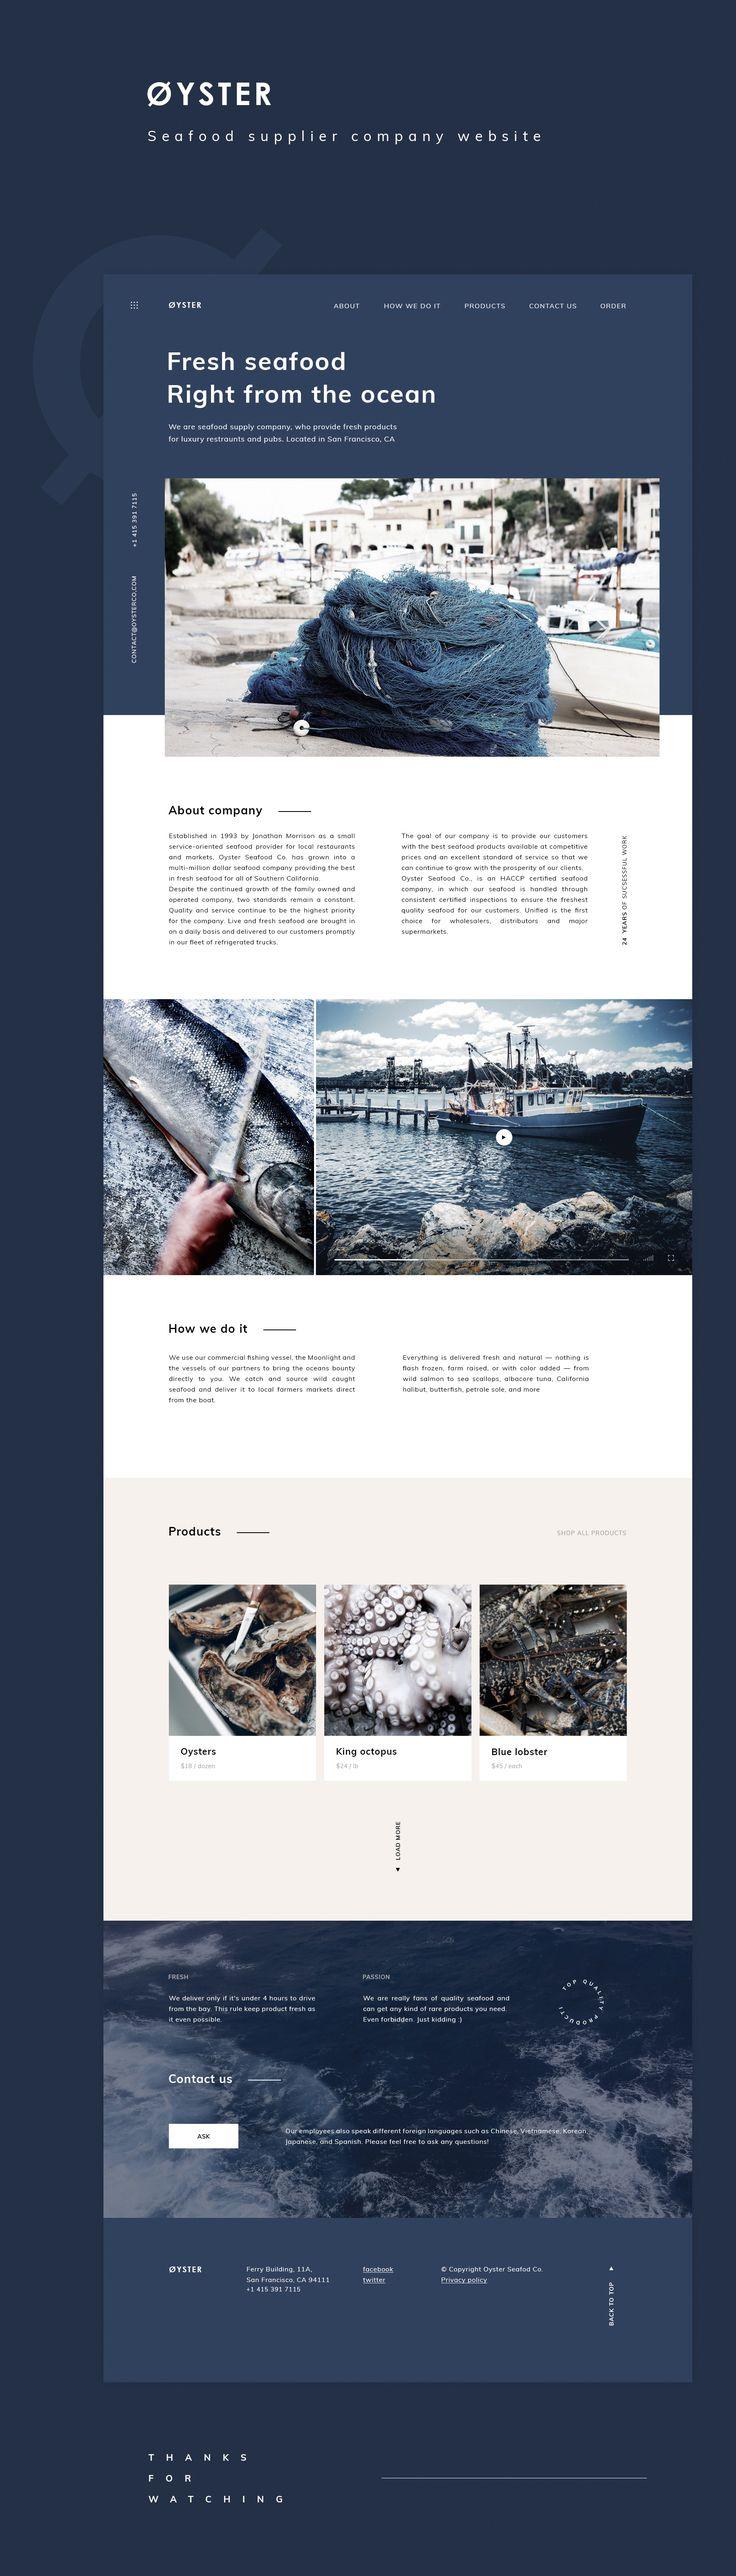 Web design examples – sea, neutrals, navy blue, aqua